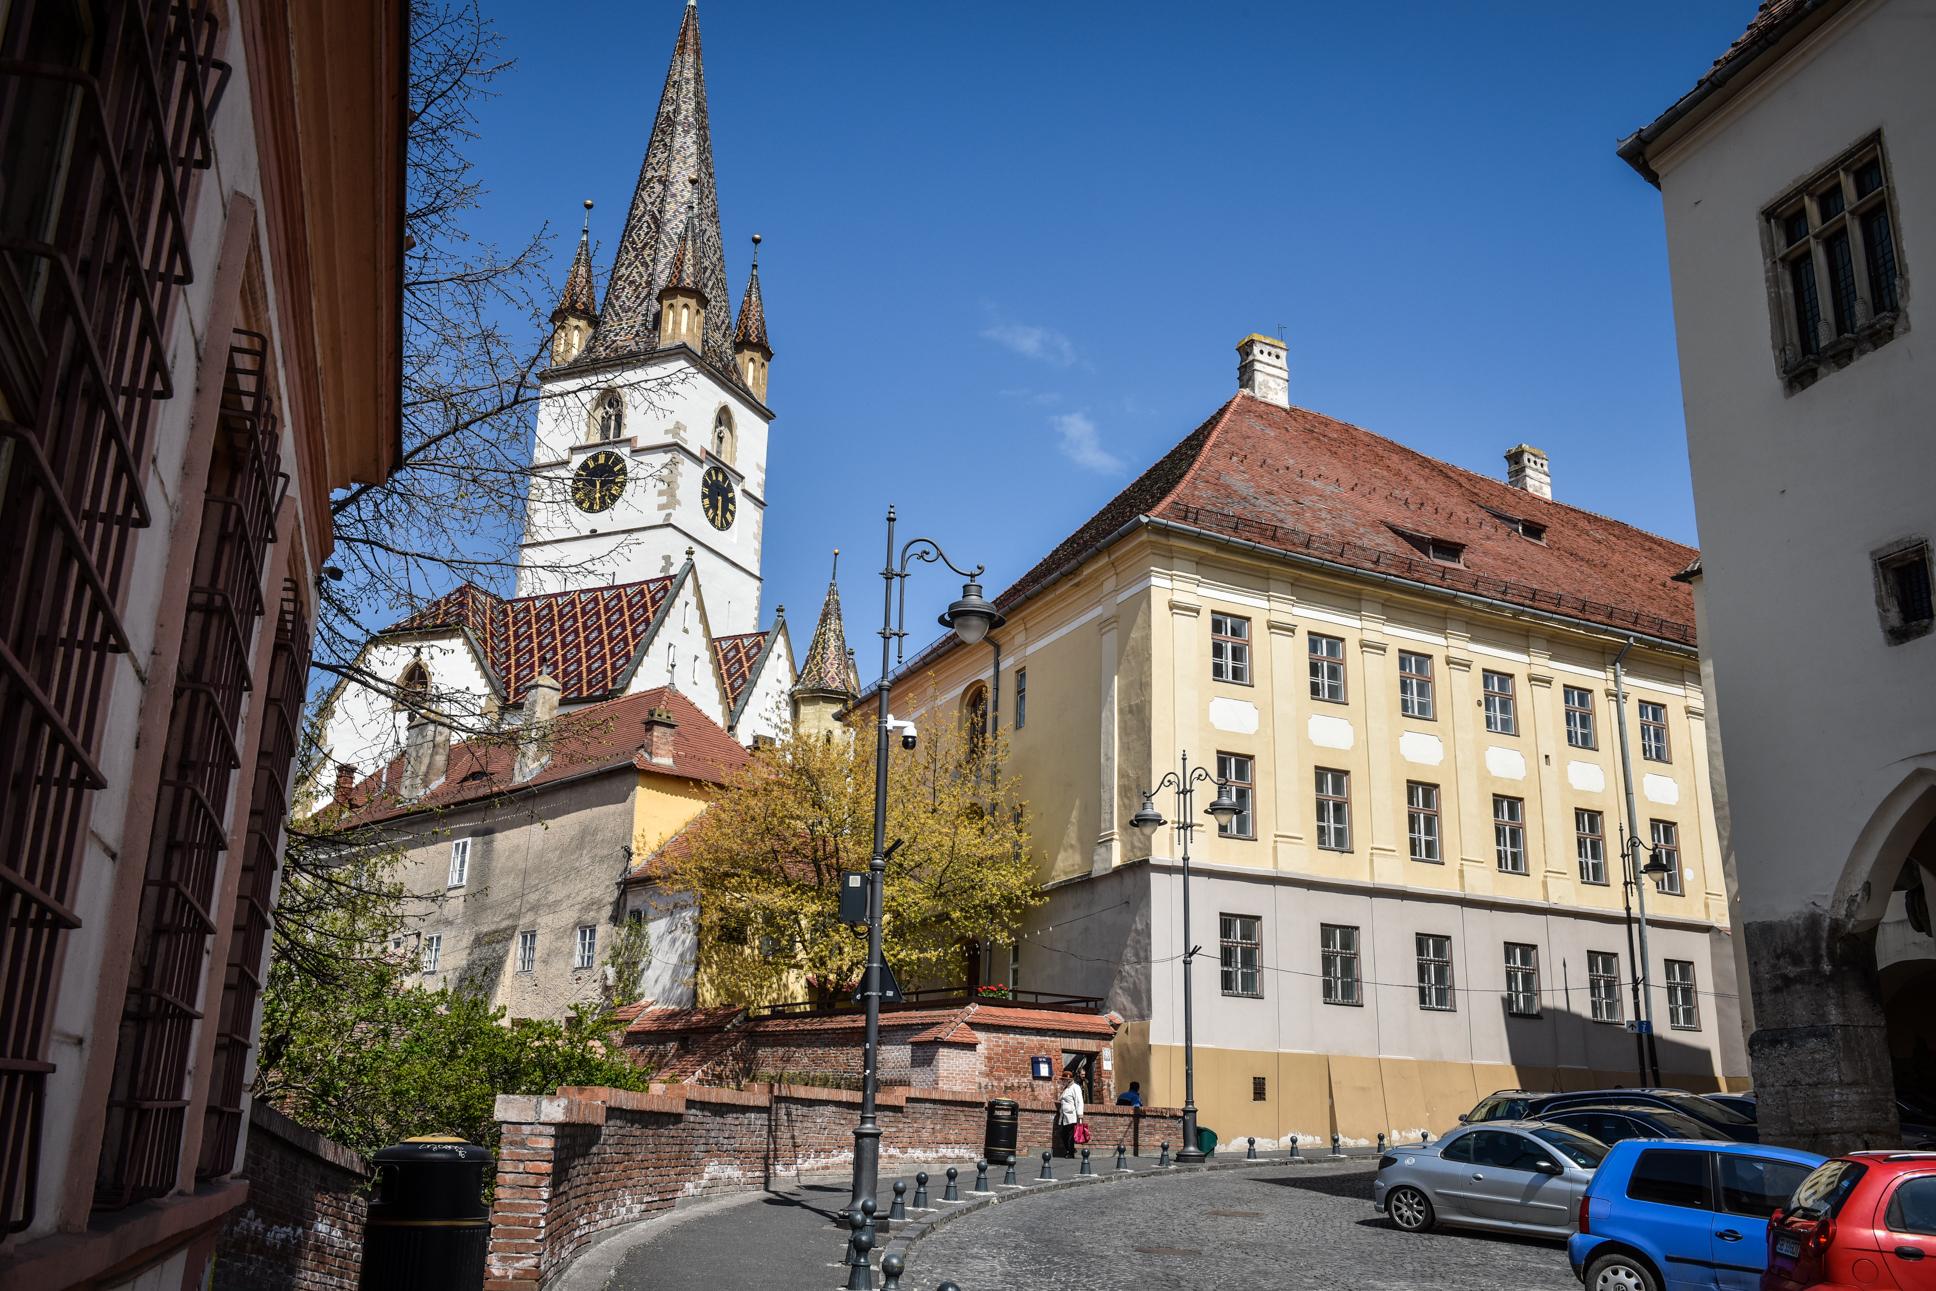 Incidența continuă să scadă în Sibiu. Trei localități au incidența peste 3 la mie, iar la Cisnădie se menține